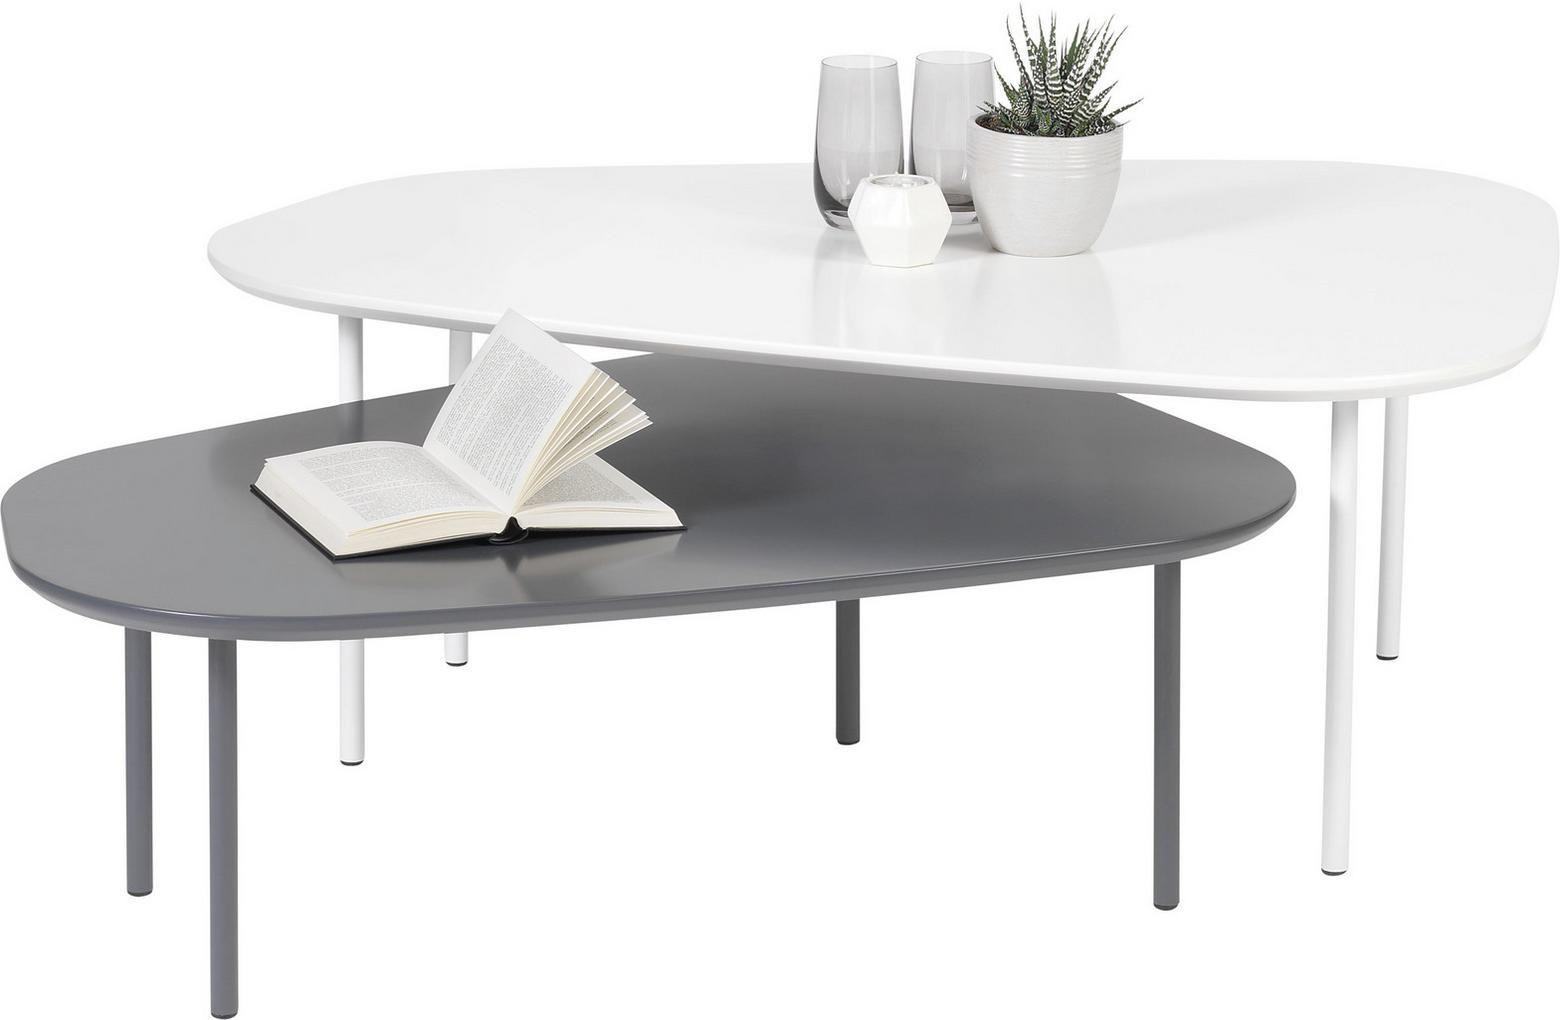 Couchtisch Set In Grau Weiss Couchtisch Couchtisch Set Tisch